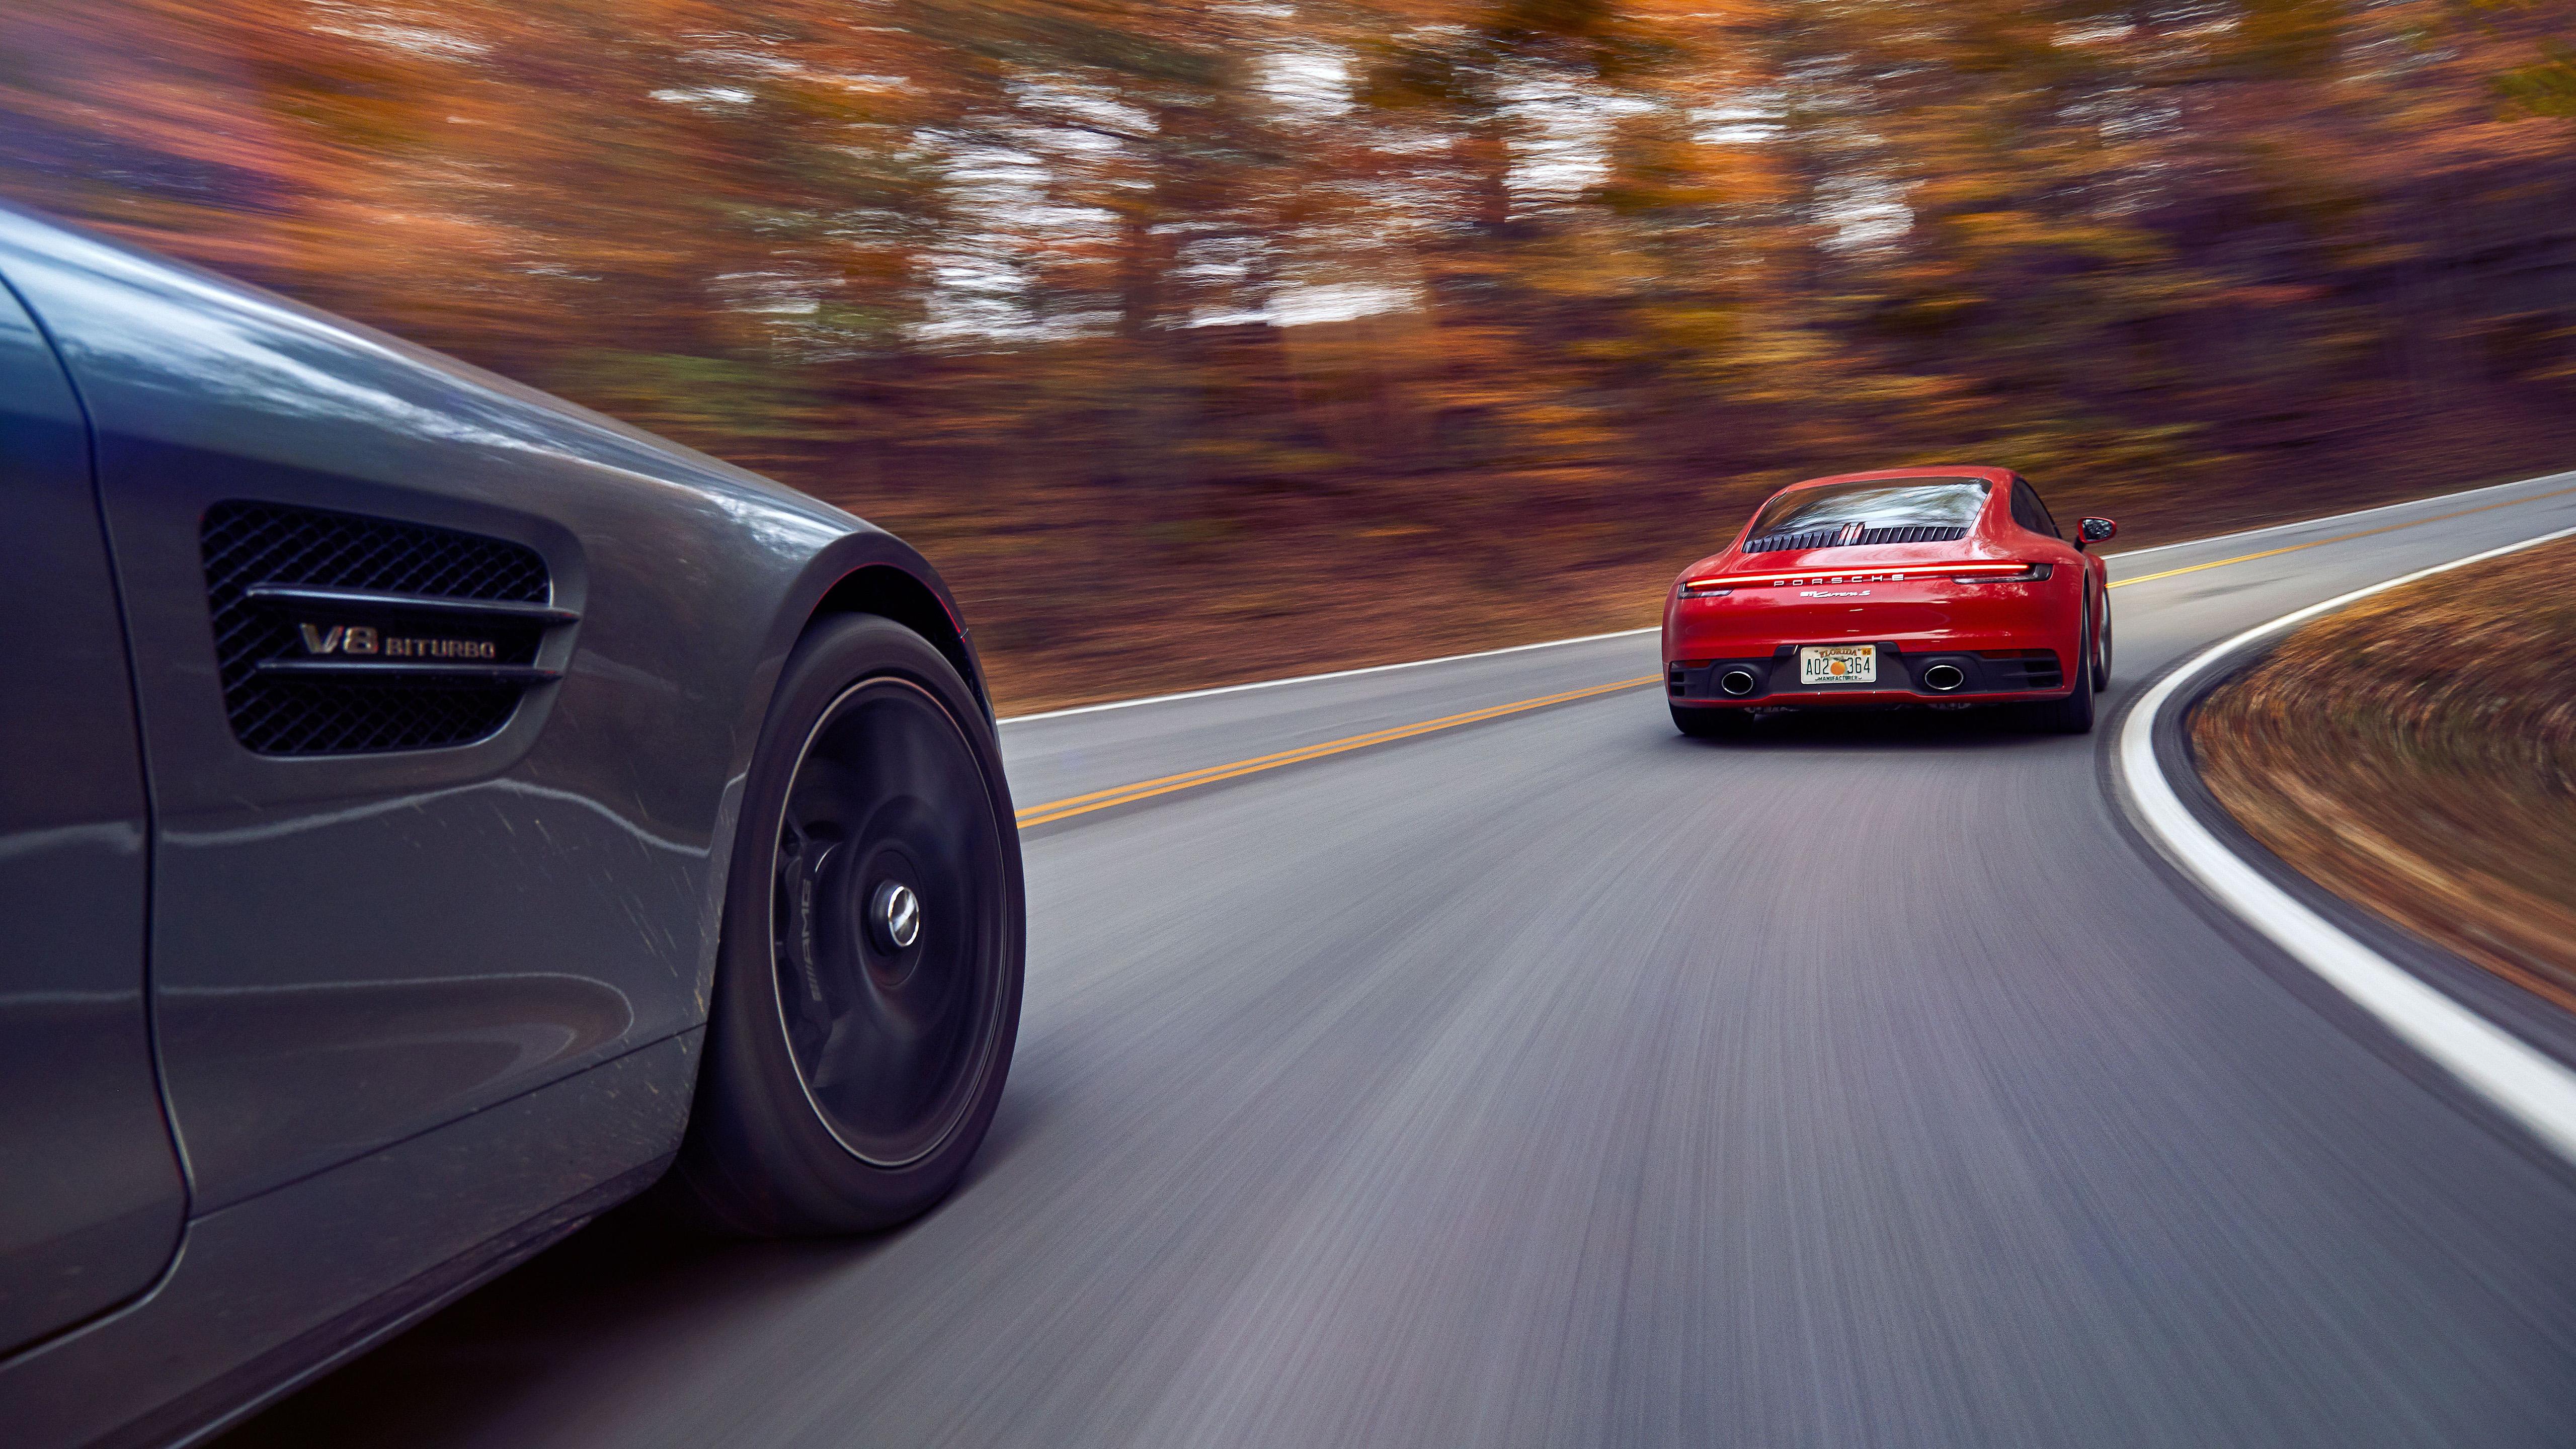 2020 Porsche 911 Carrera S 4K 2 Wallpaper HD Car Wallpapers ID 5120x2880